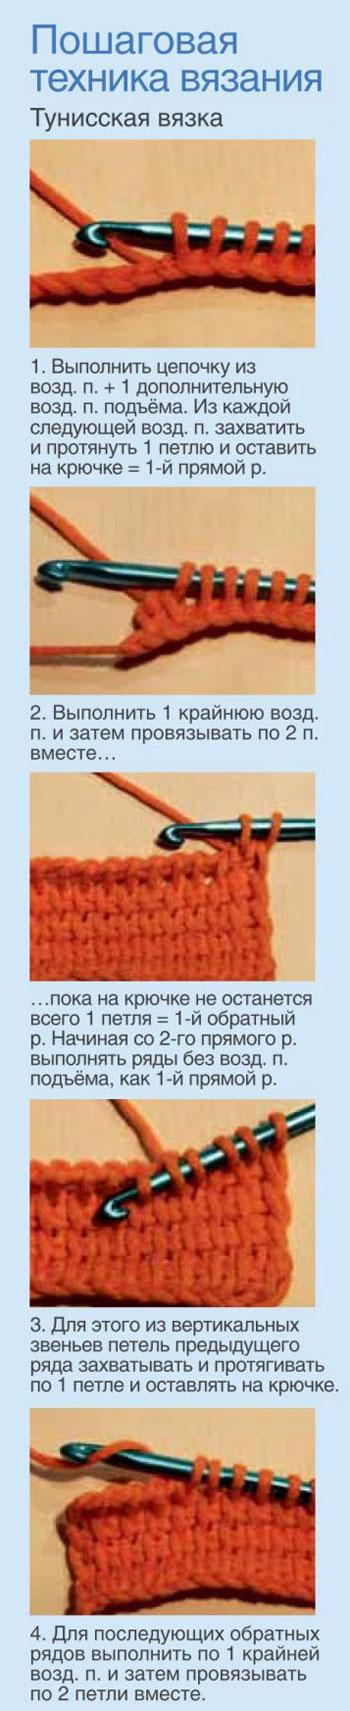 Тунисское вязание как это 86